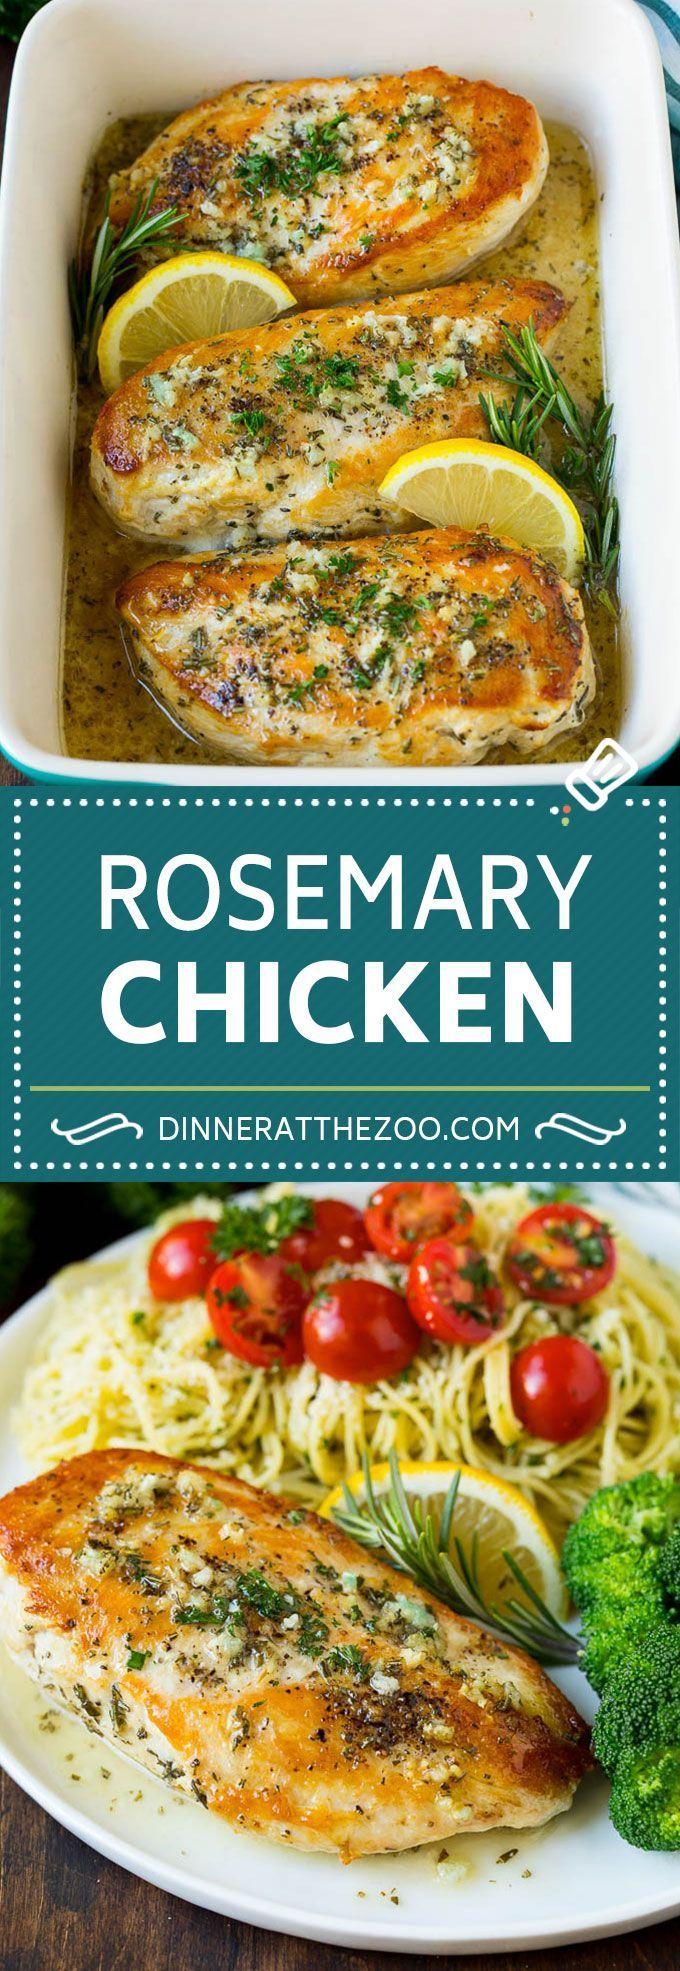 Photo of Rosemary Chicken